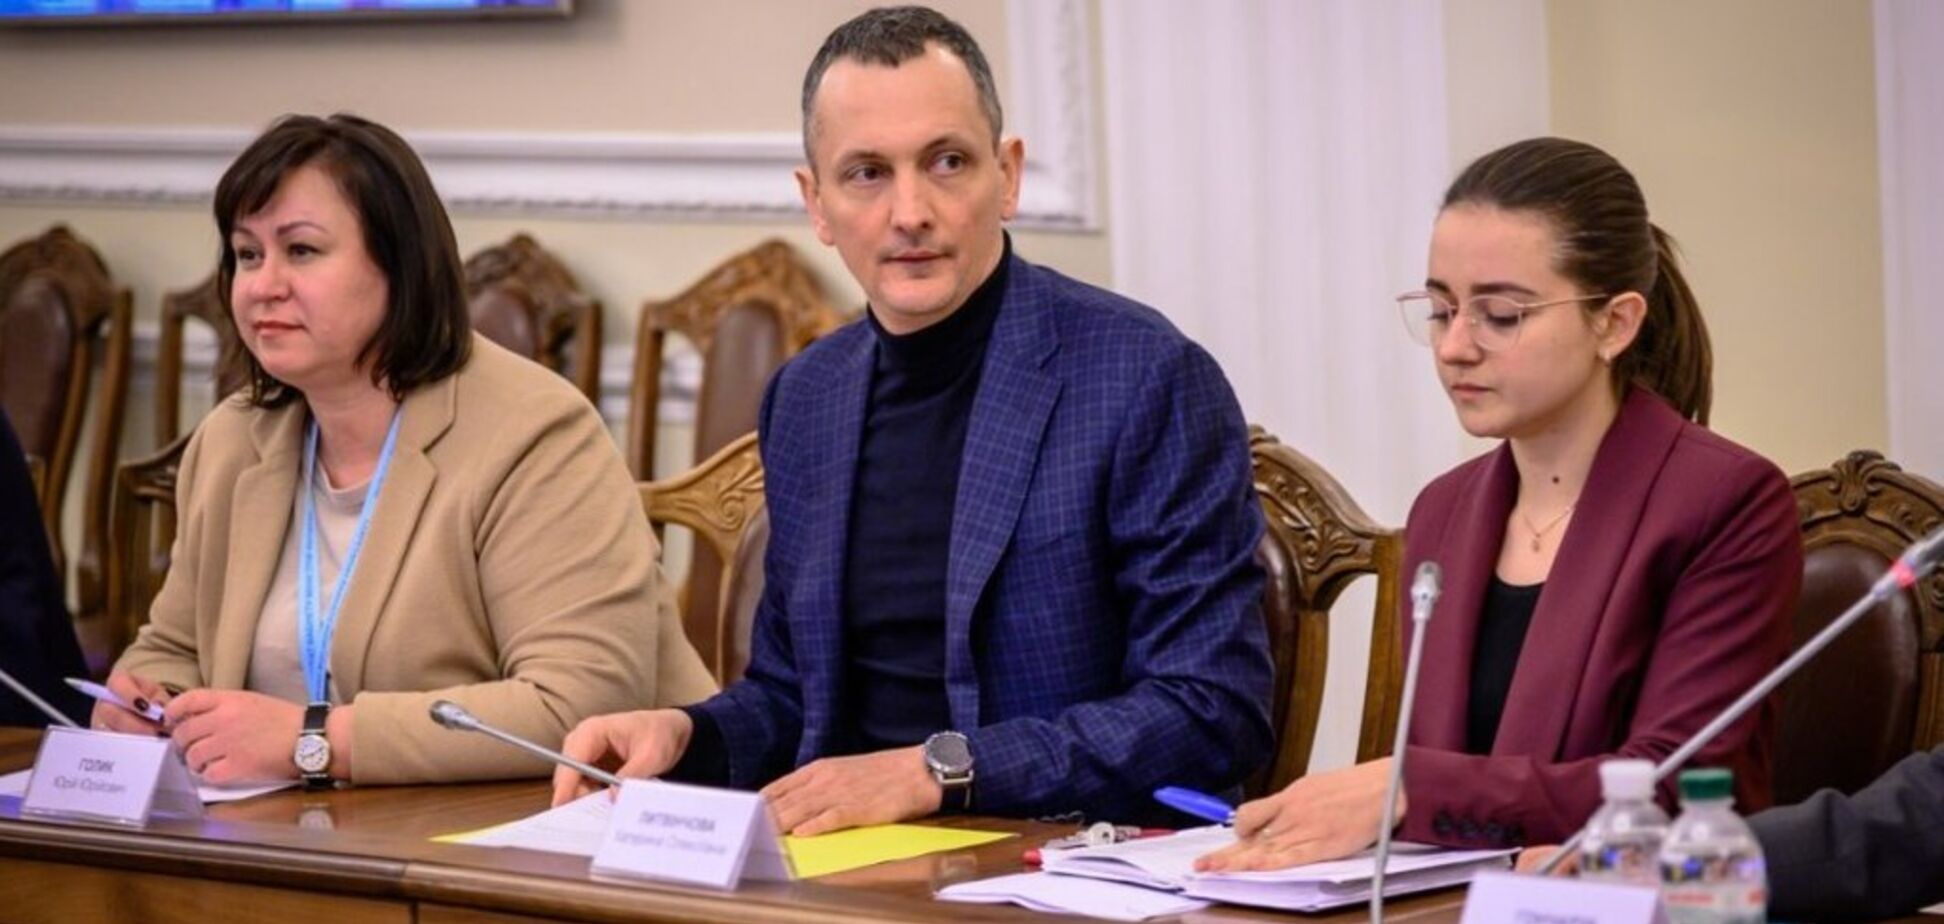 Областные администрации получат 7,5 млрд грн на инфраструктурные проекты – советник премьера Юрий Голик